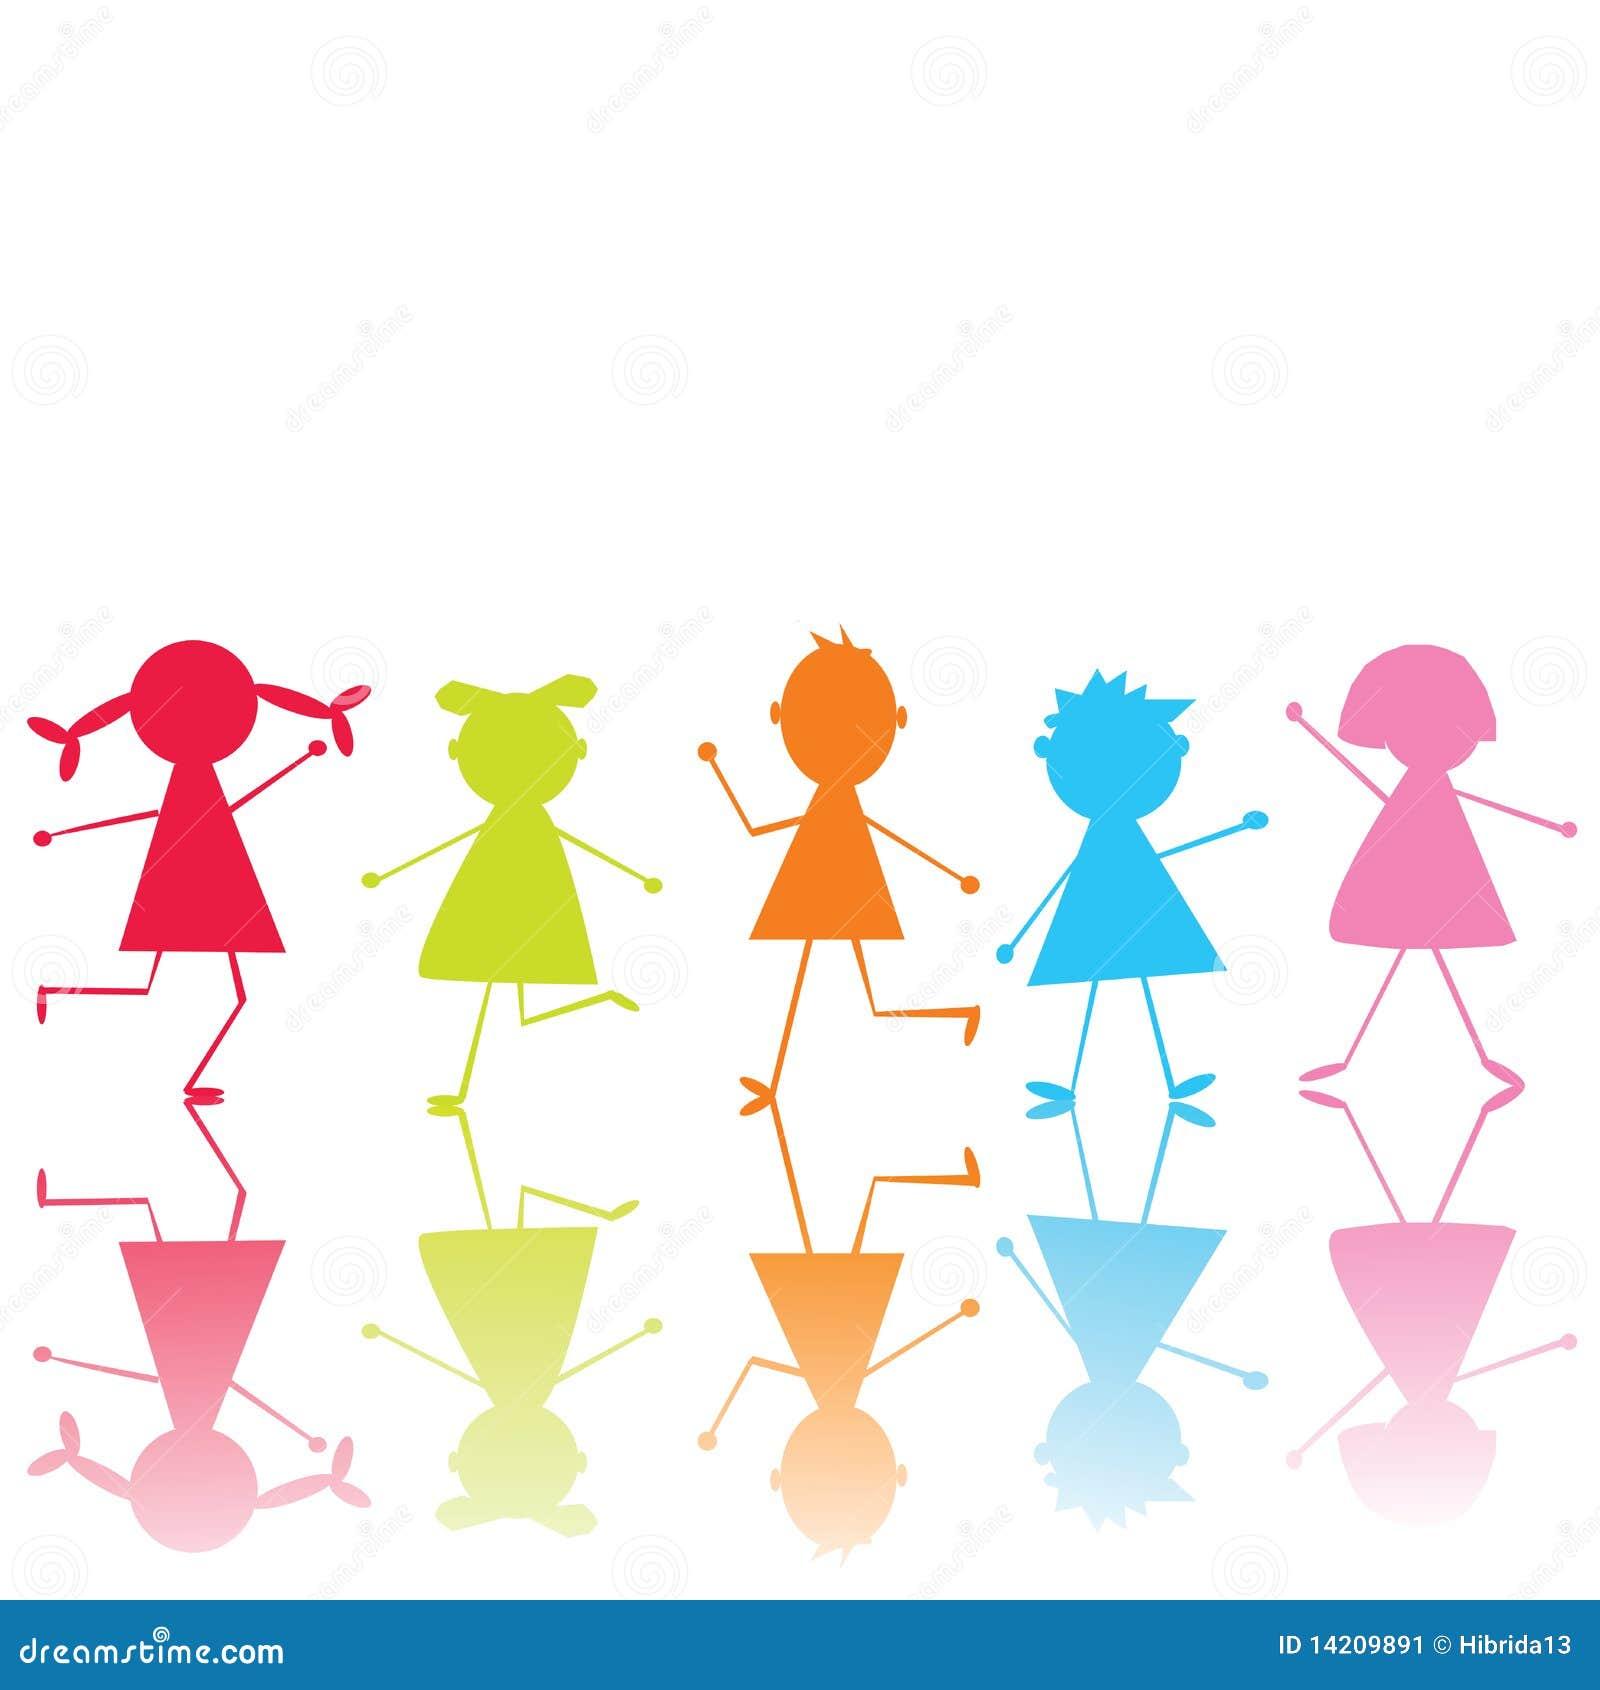 Bambini Stilizzati Colorati Illustrazione Di Stock Illustrazione